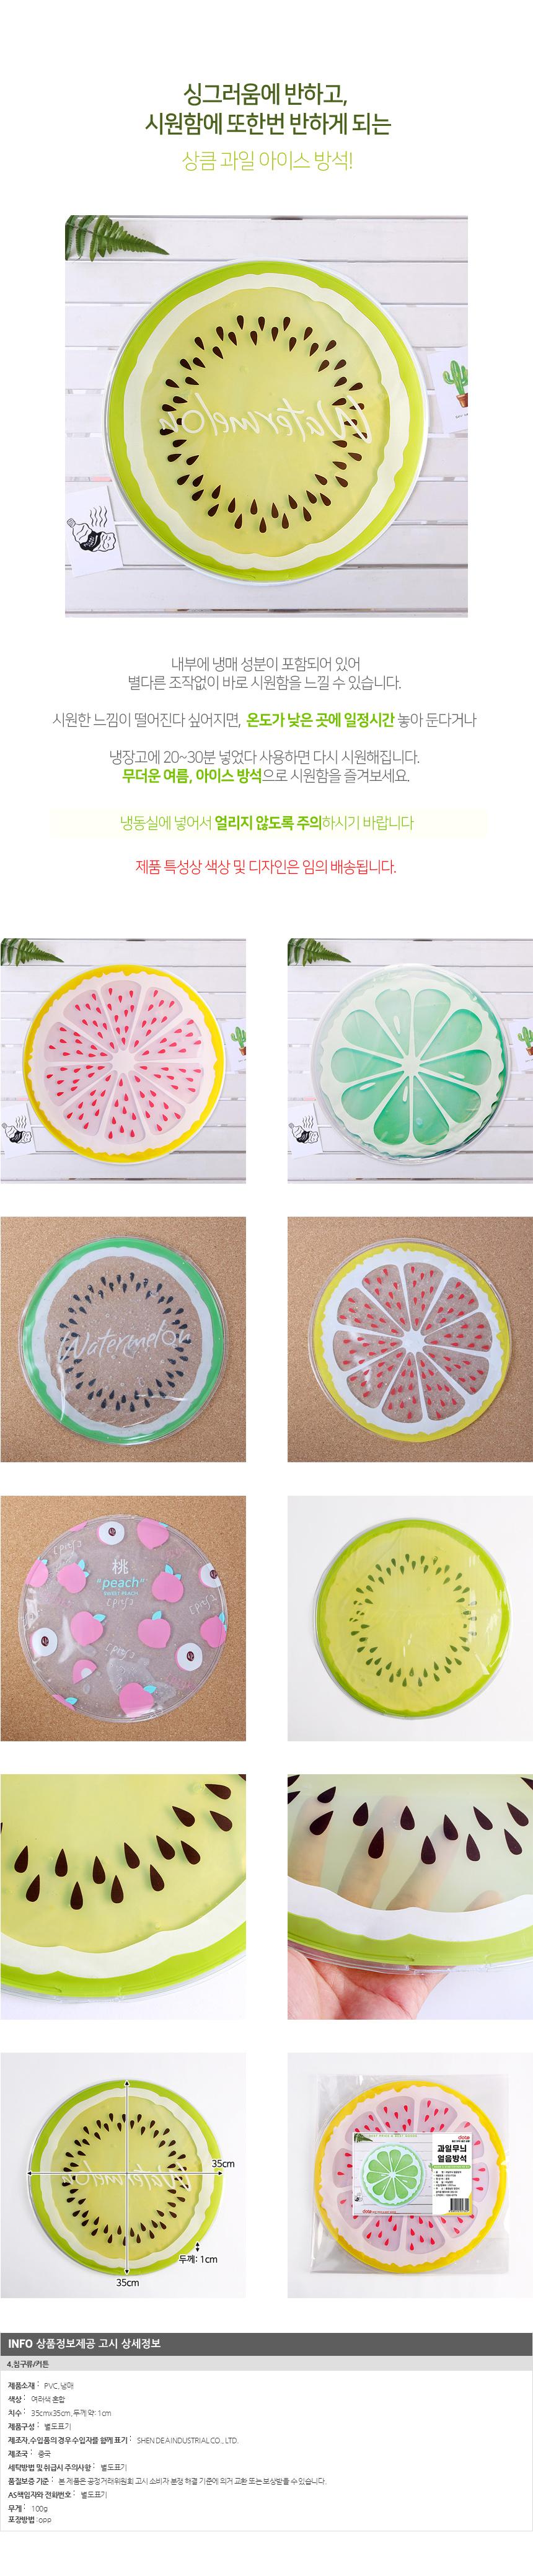 상큼 과일 아이스방석/여름방석 쿨방석 여름차량방석 - 기프트갓, 3,930원, 방석, 원형